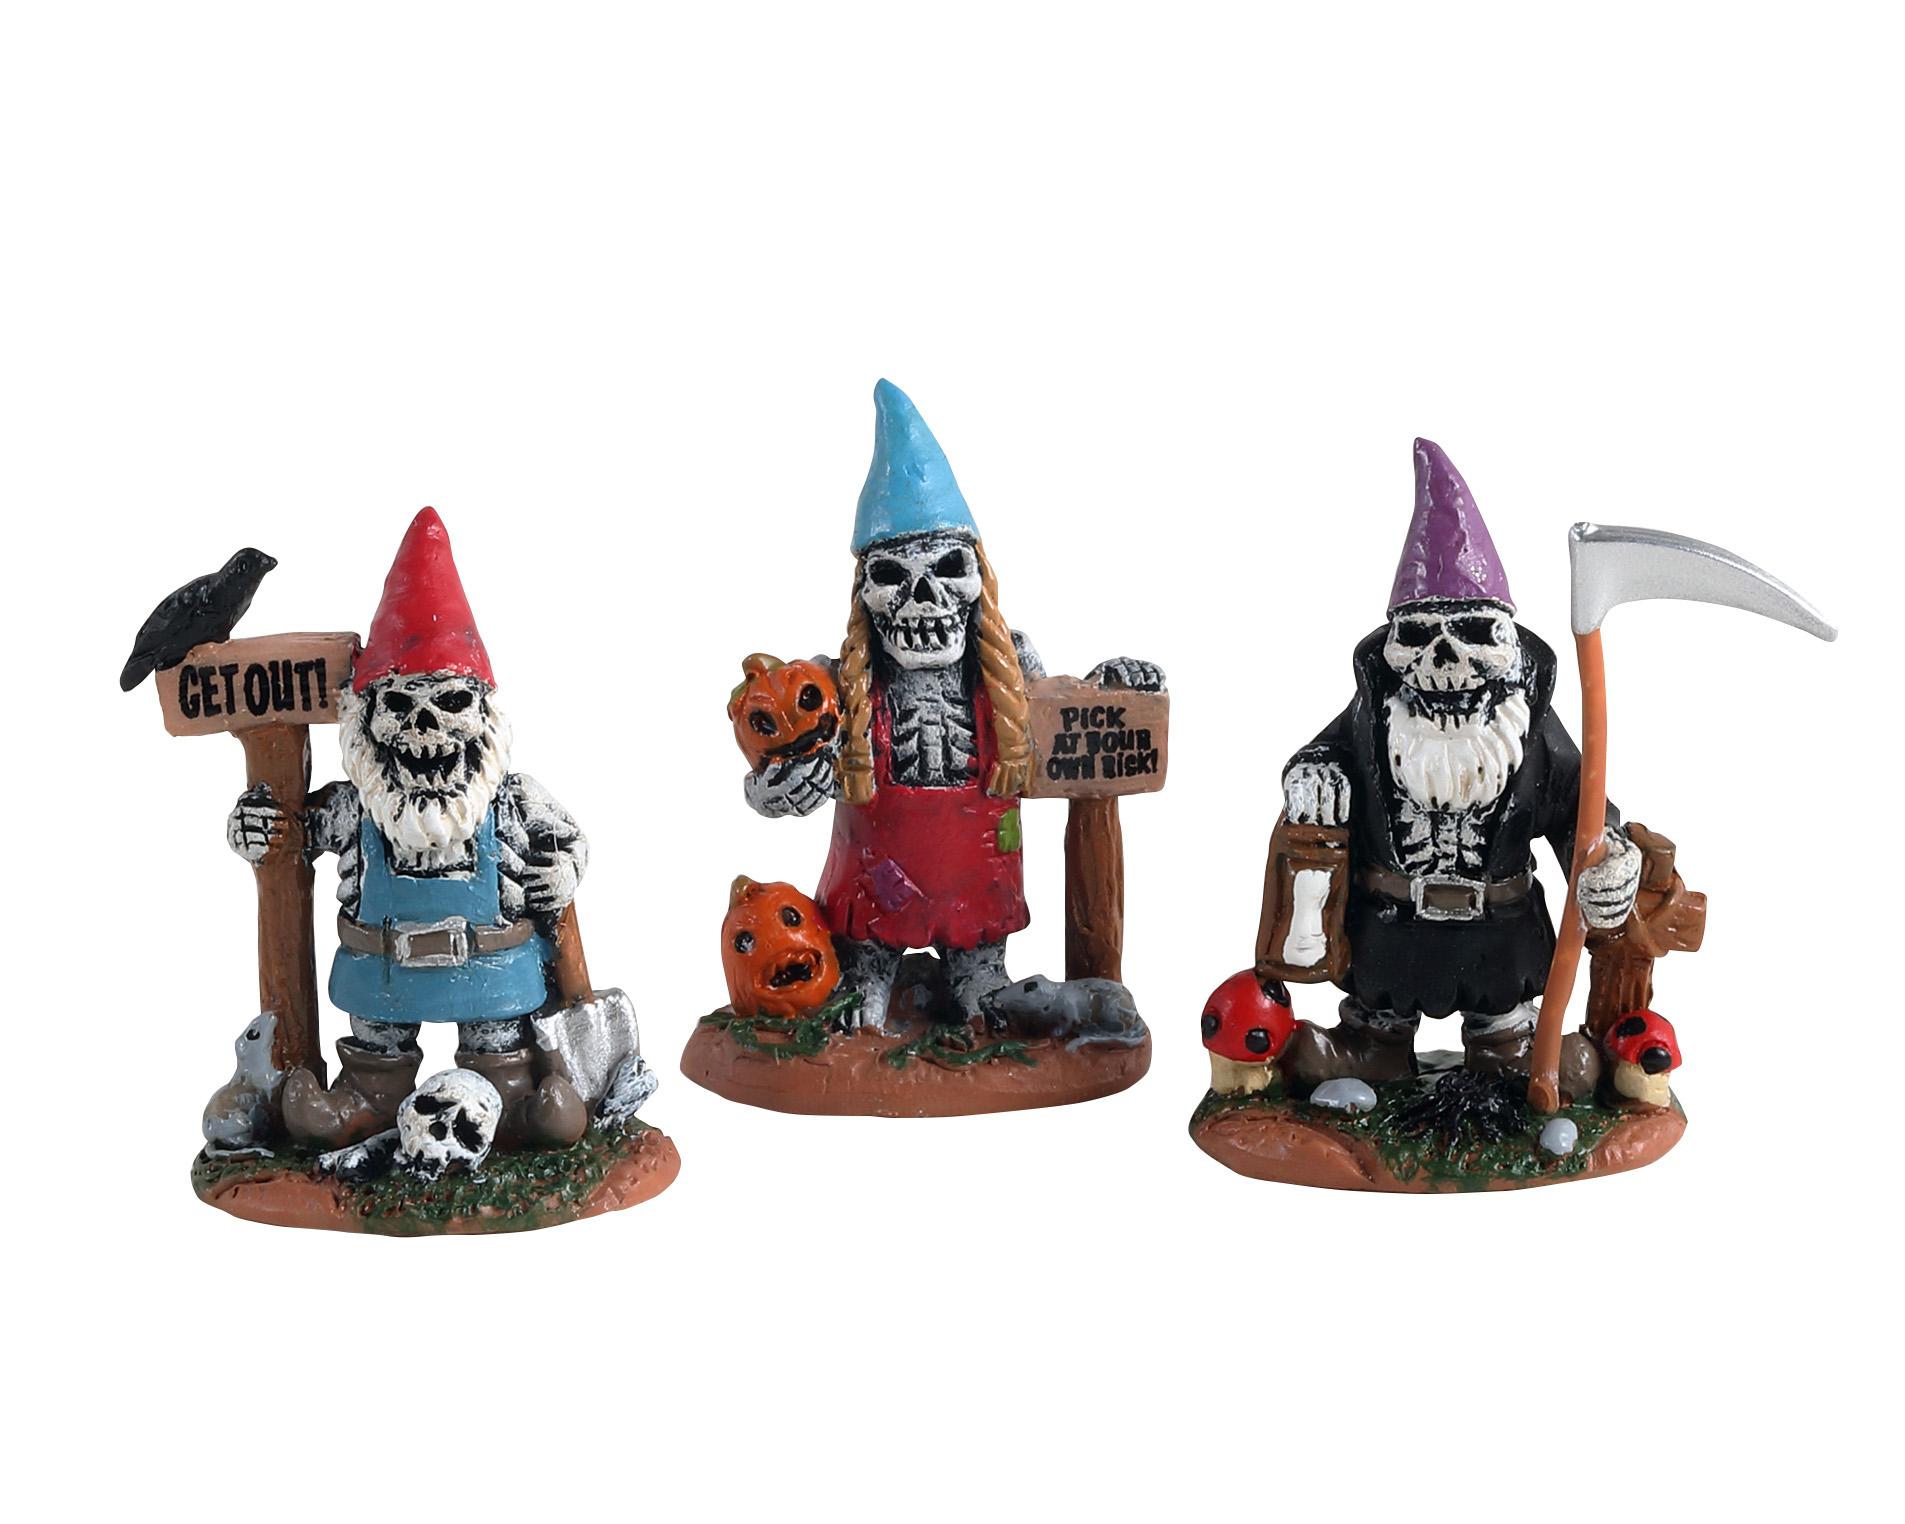 Skeleton garden gnomes, set of 3